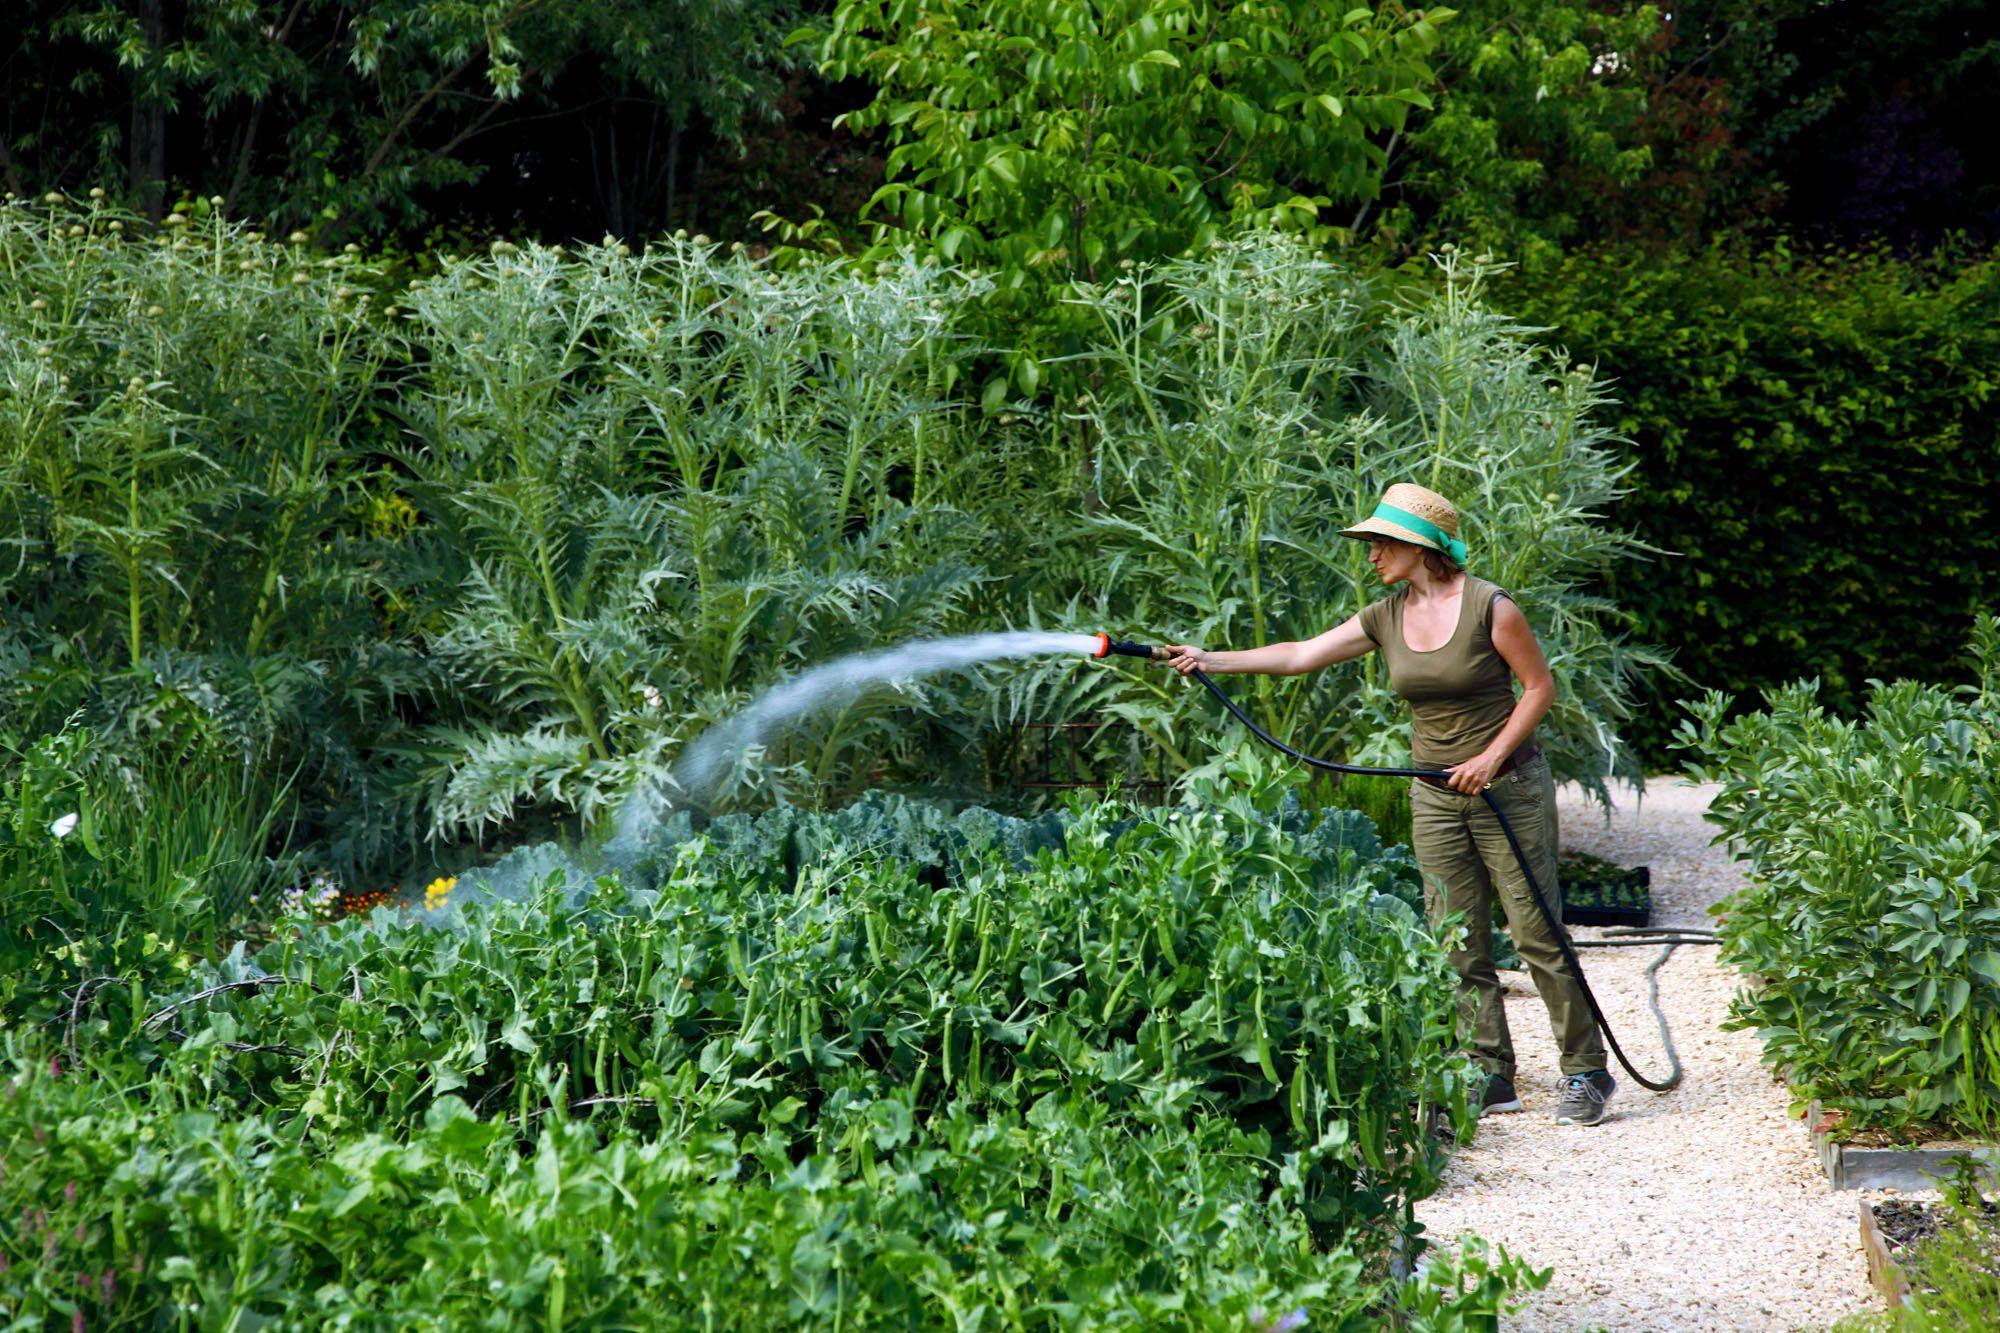 Khu vườn ẩm thực của điền trang có rau, thảo mộc và hoa ăn được sử dụng trong nhà hàng của họ